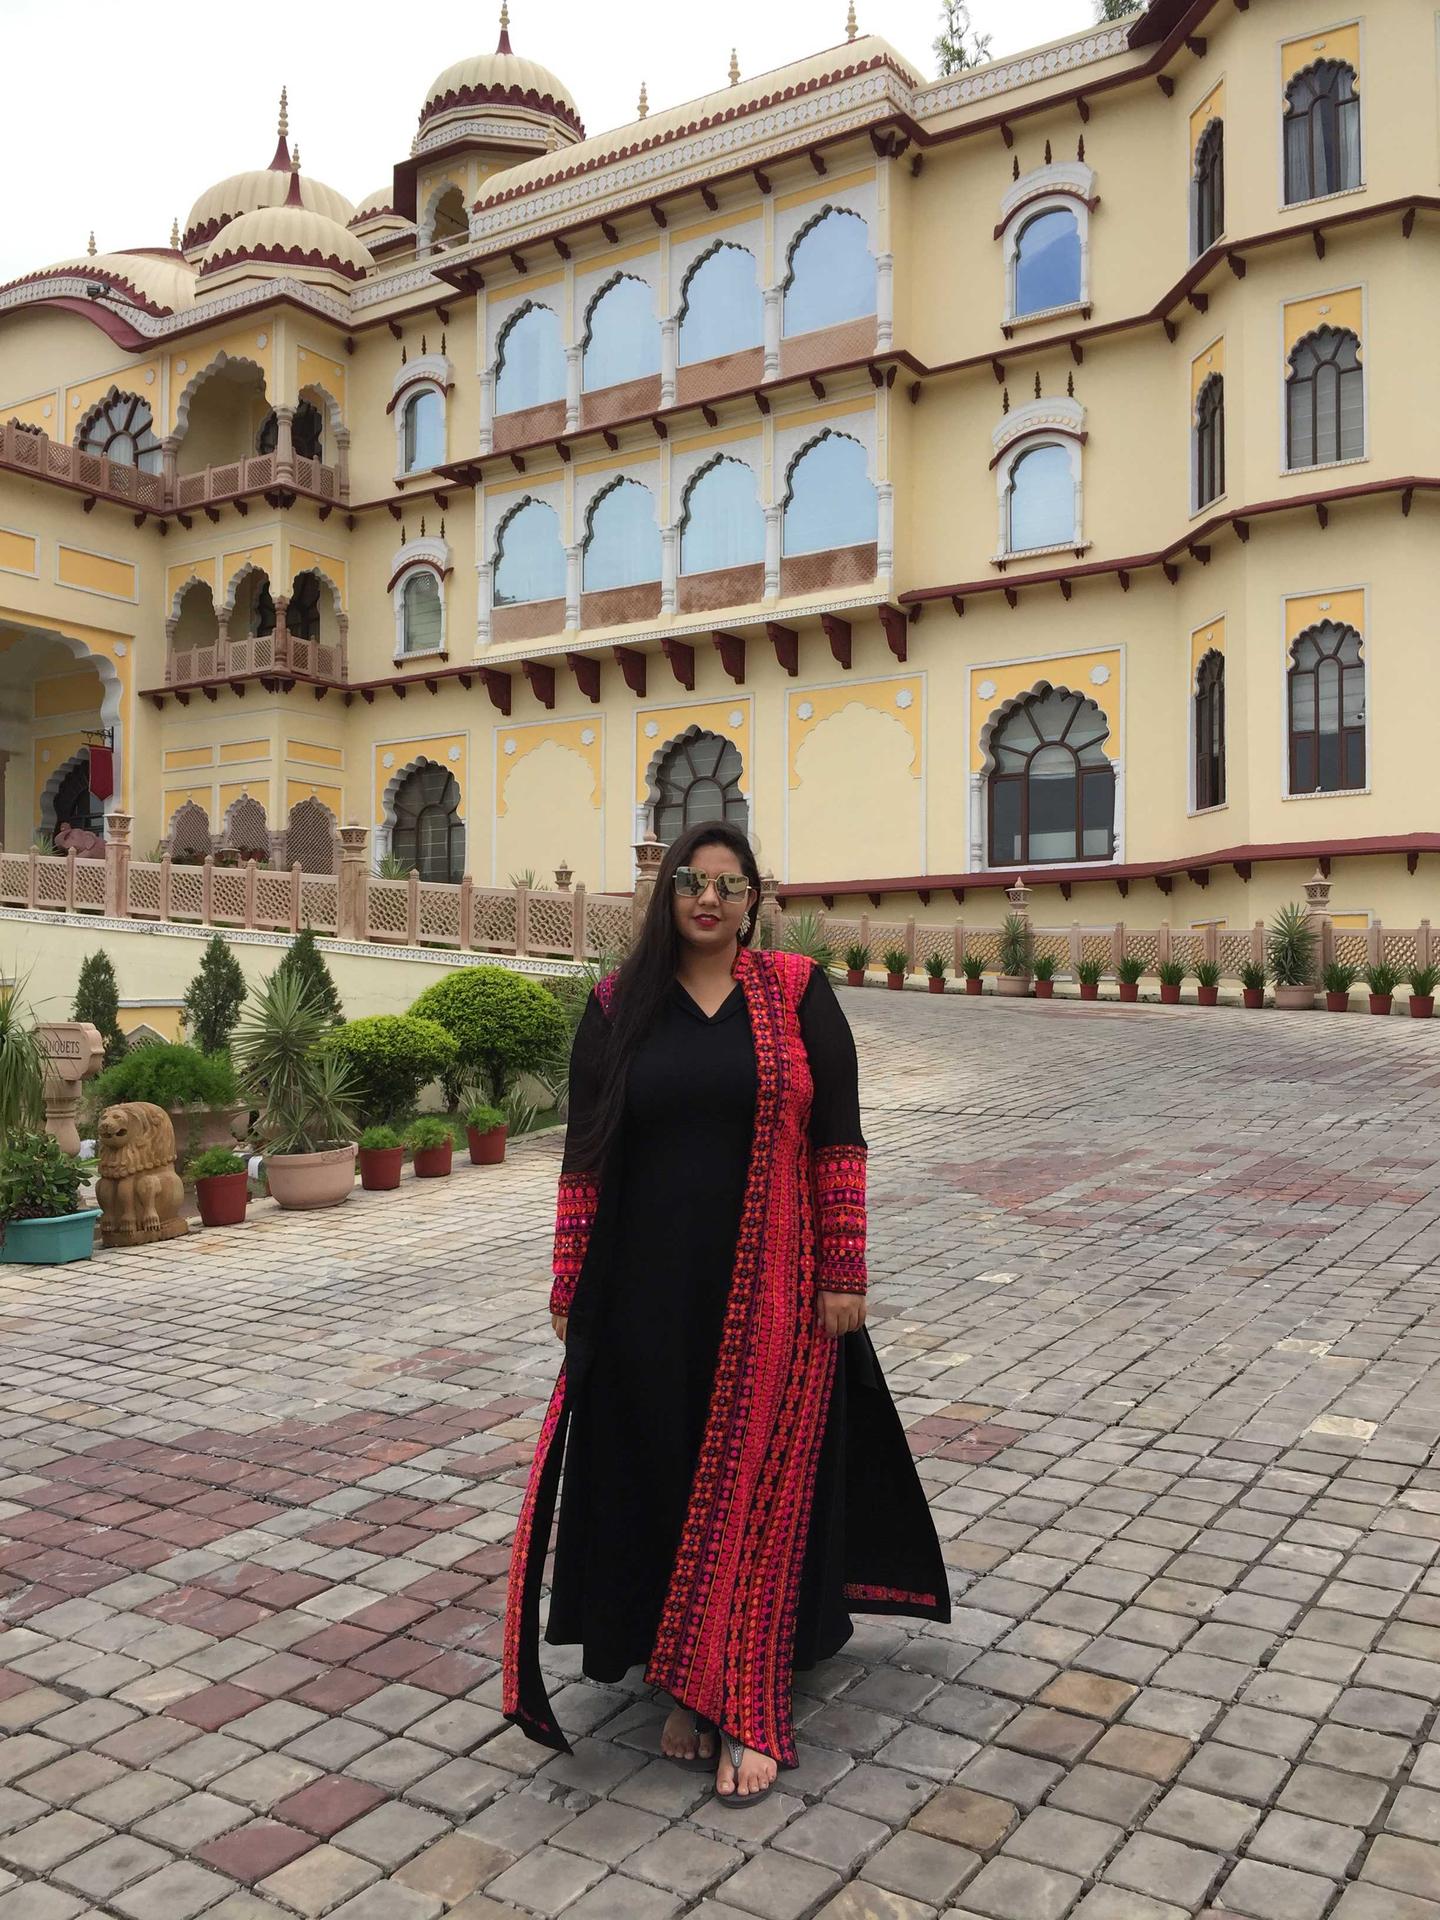 A fairytale: Noor Mahal, Karnal | Jazzfoodtravelshop image